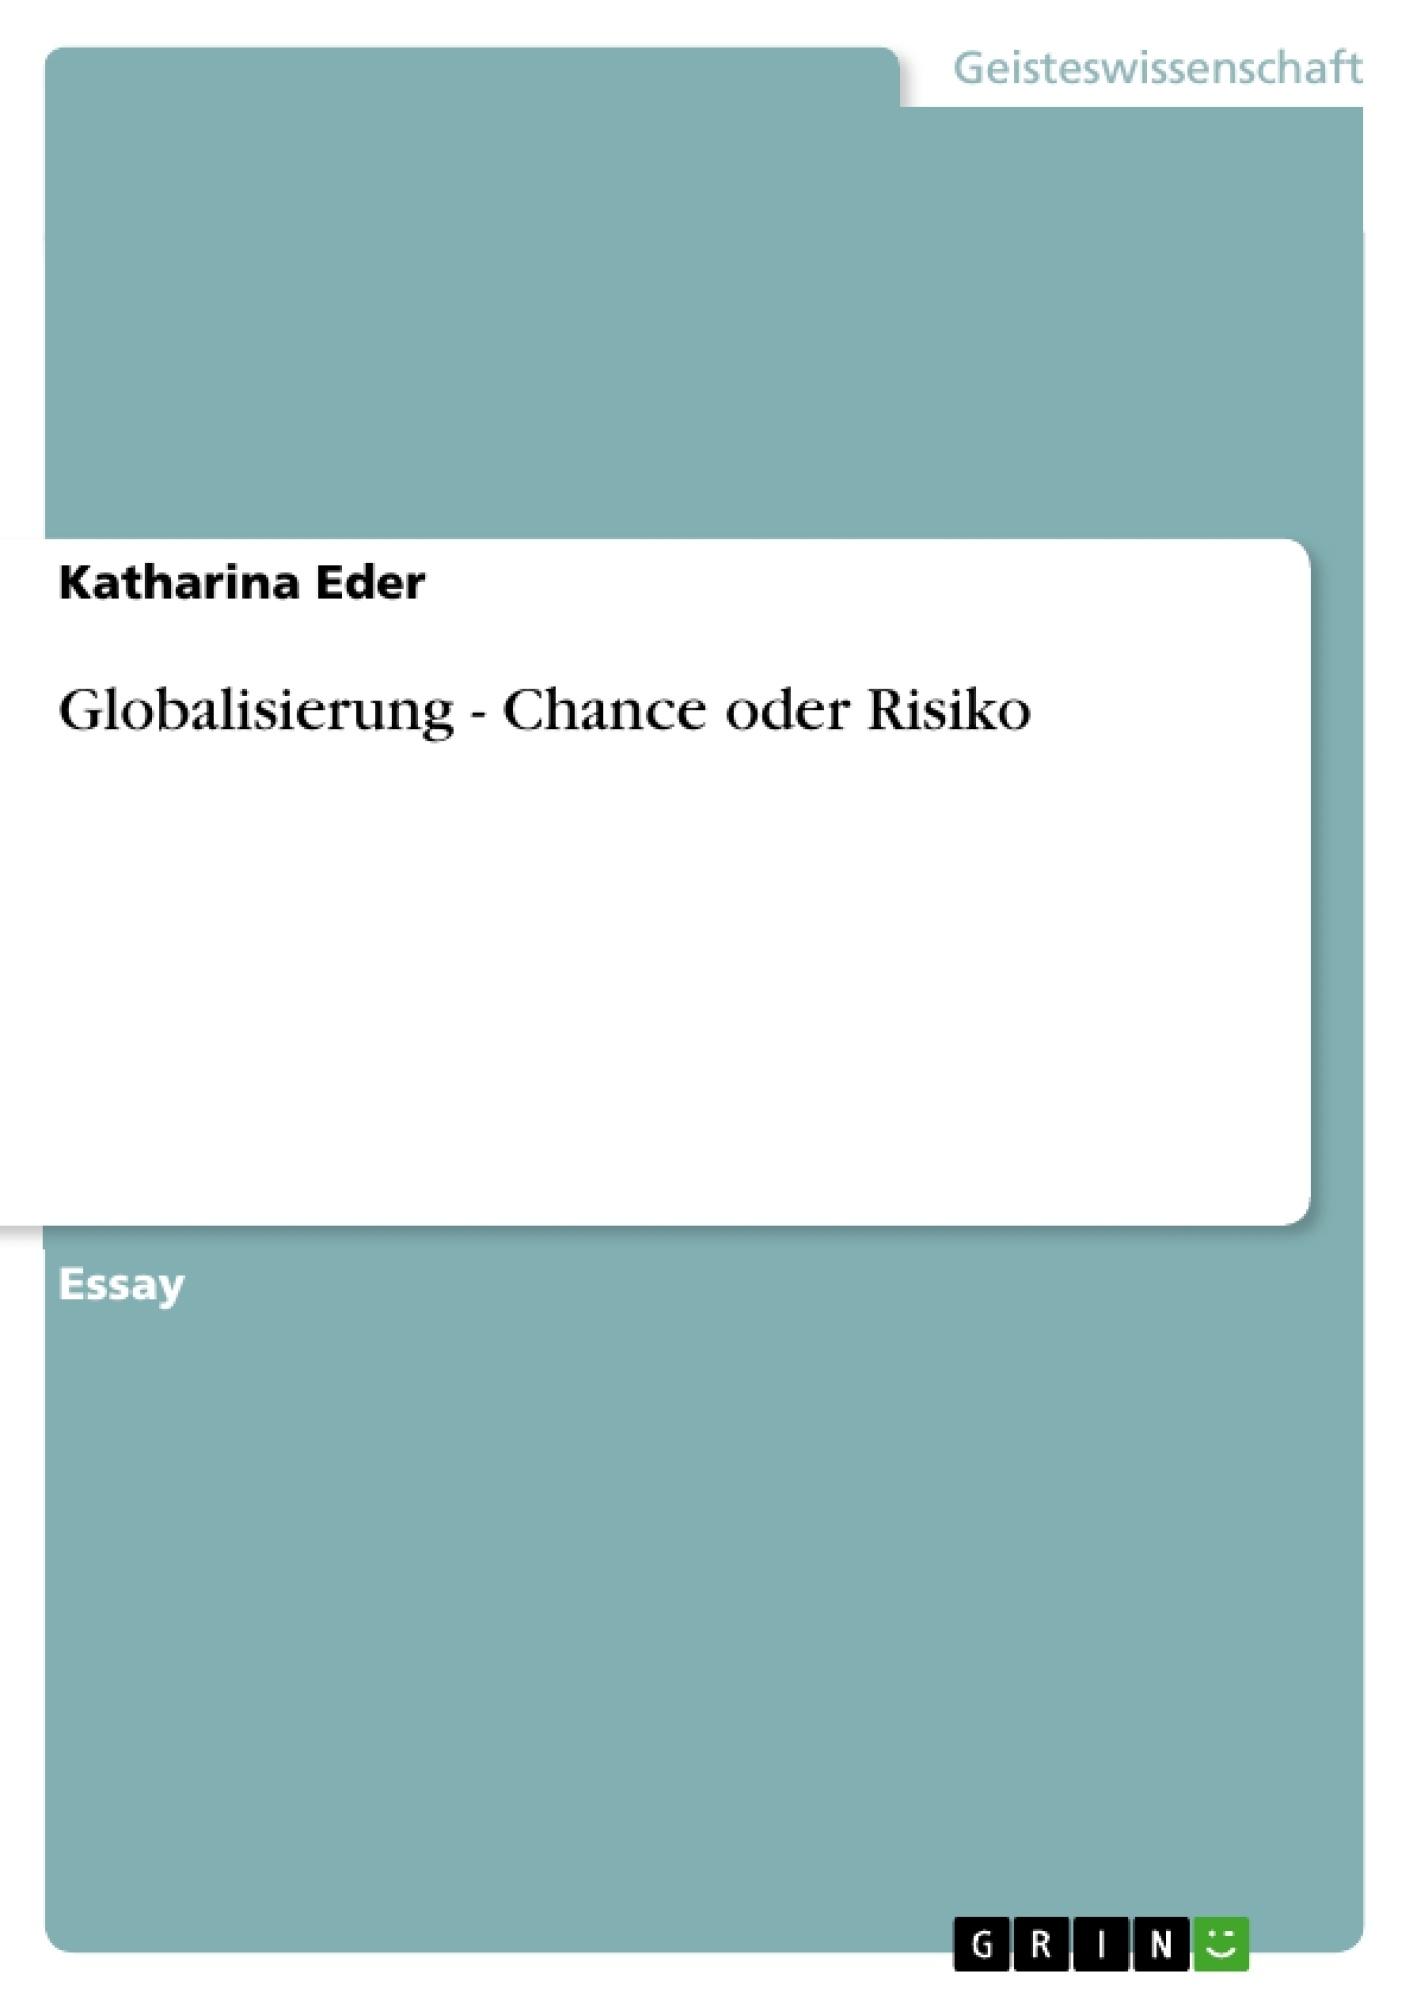 Titel: Globalisierung - Chance oder Risiko